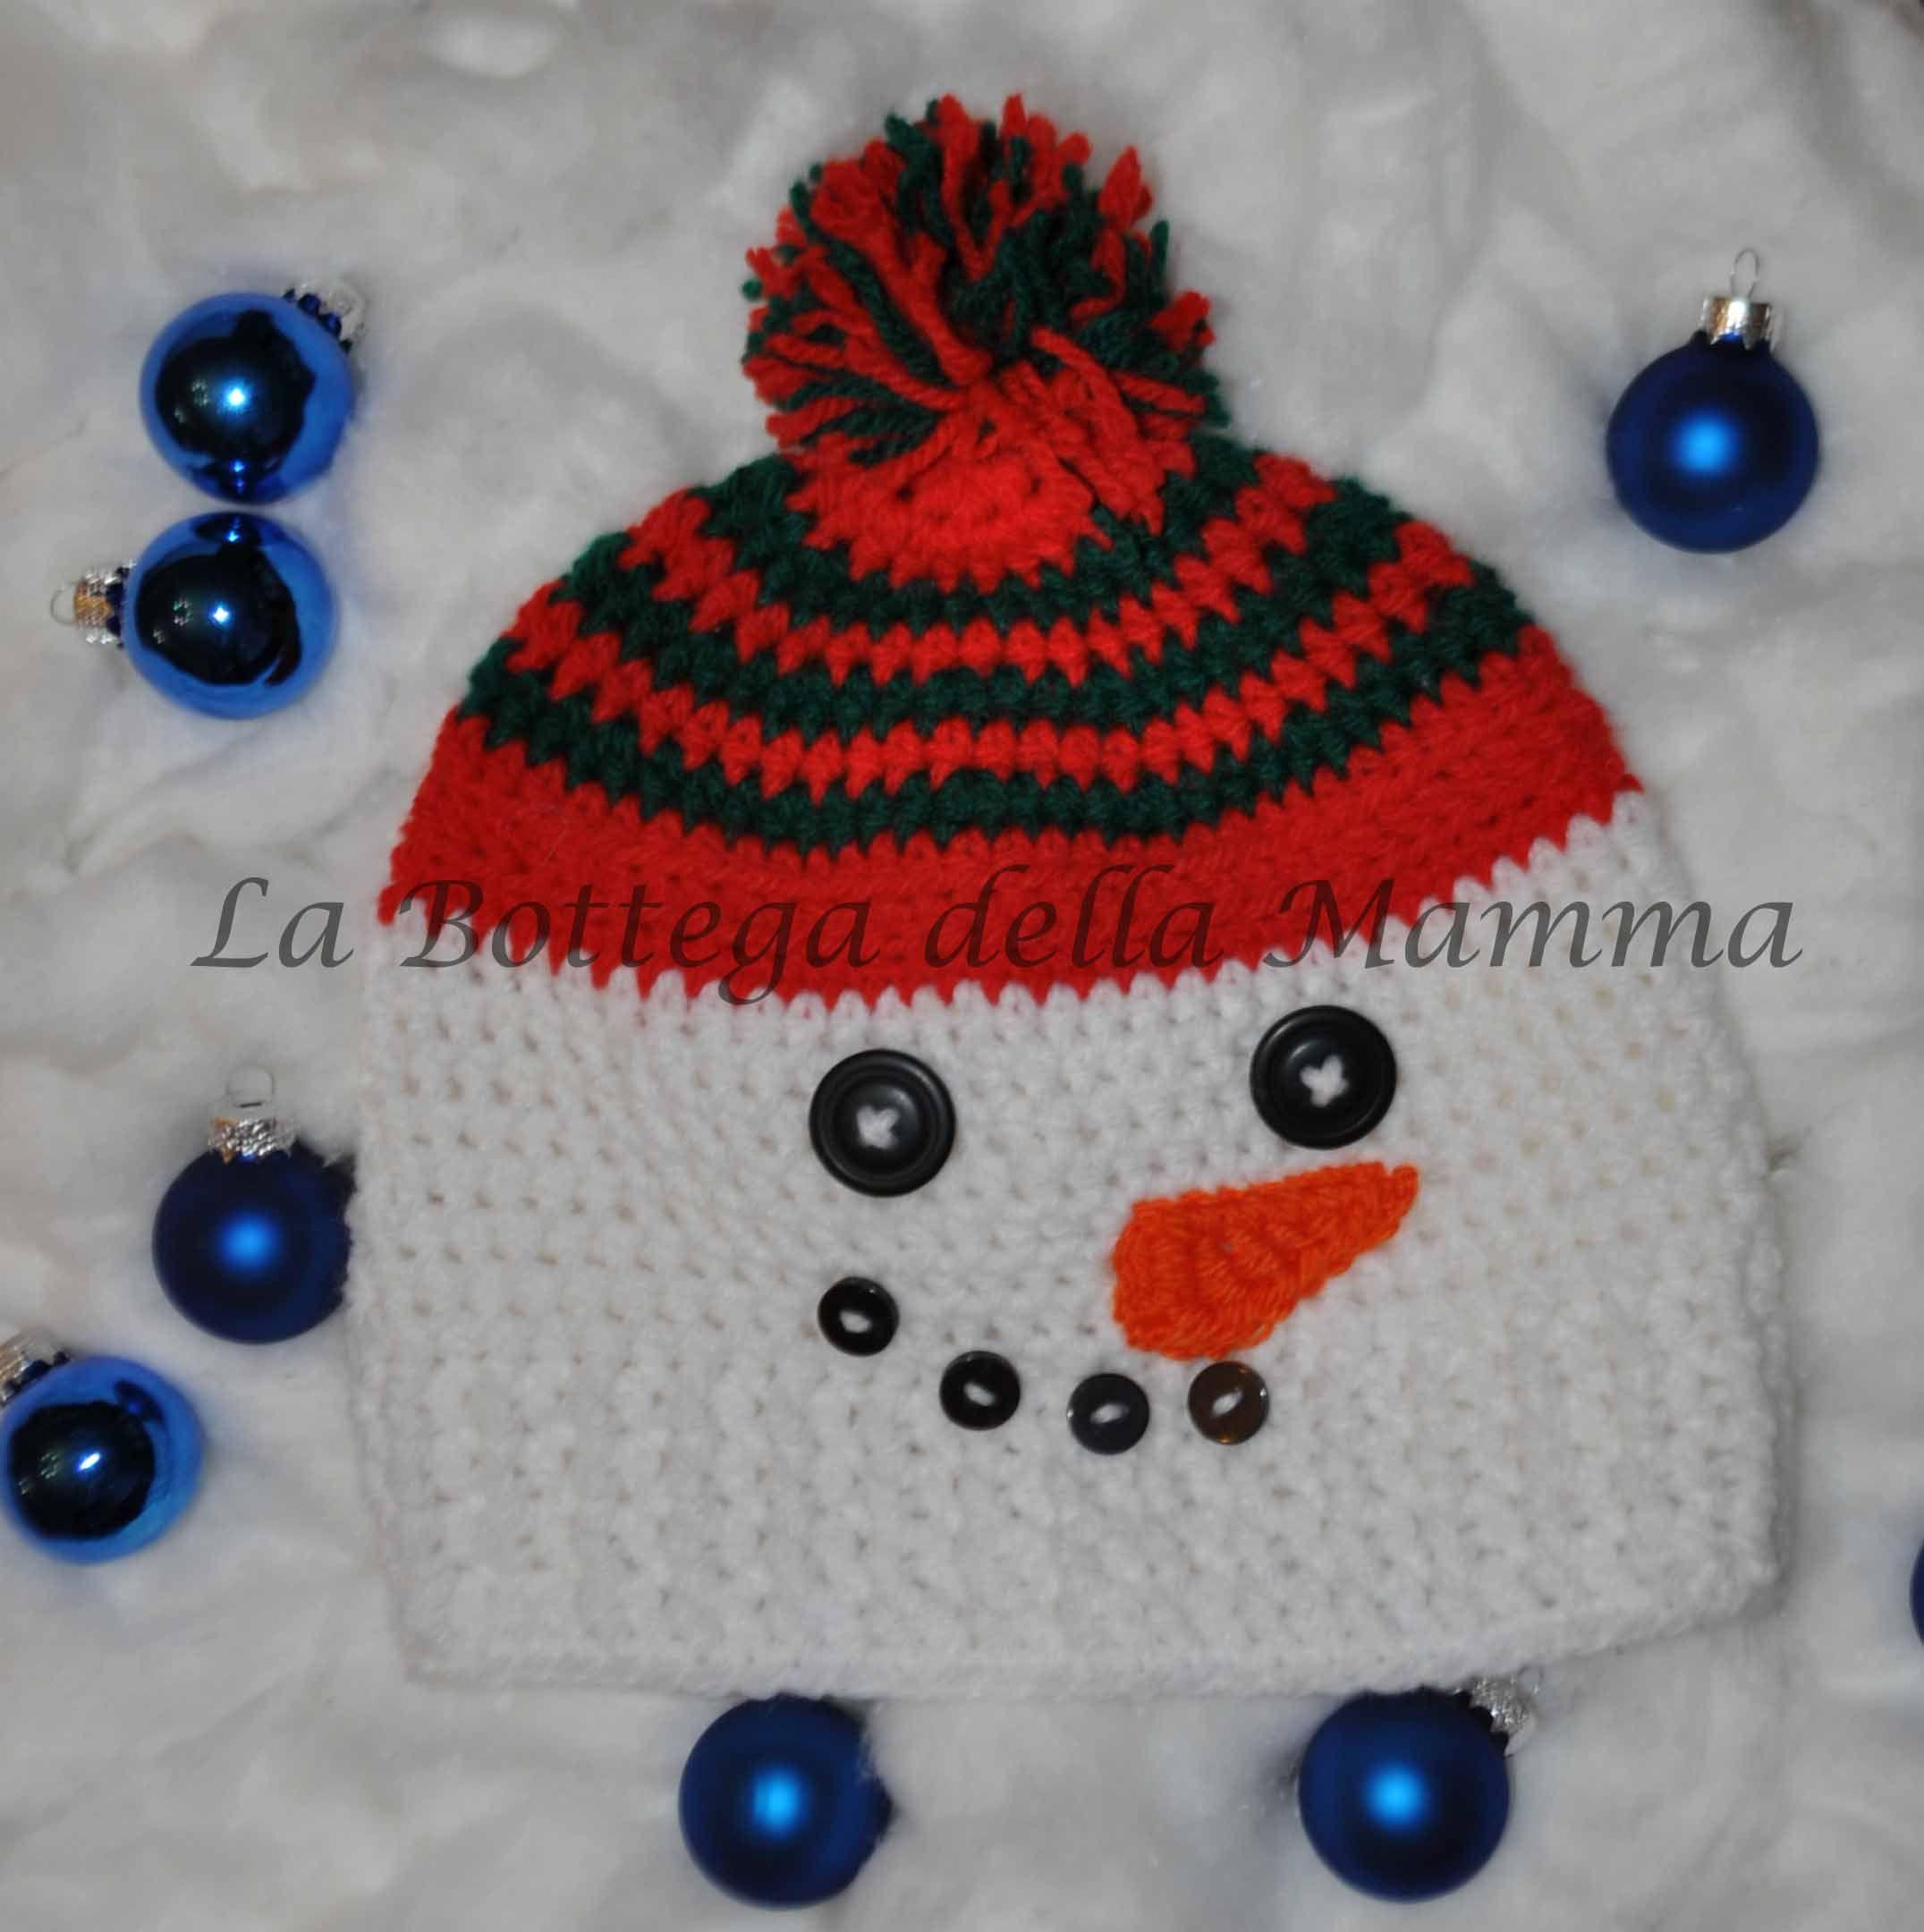 Berretto snowman http://www.misshobby.com/it/oggetti/cappello-per-bimbi-modello-frosty?utm_campaign=facebook&utm_medium=shop&utm_source=users